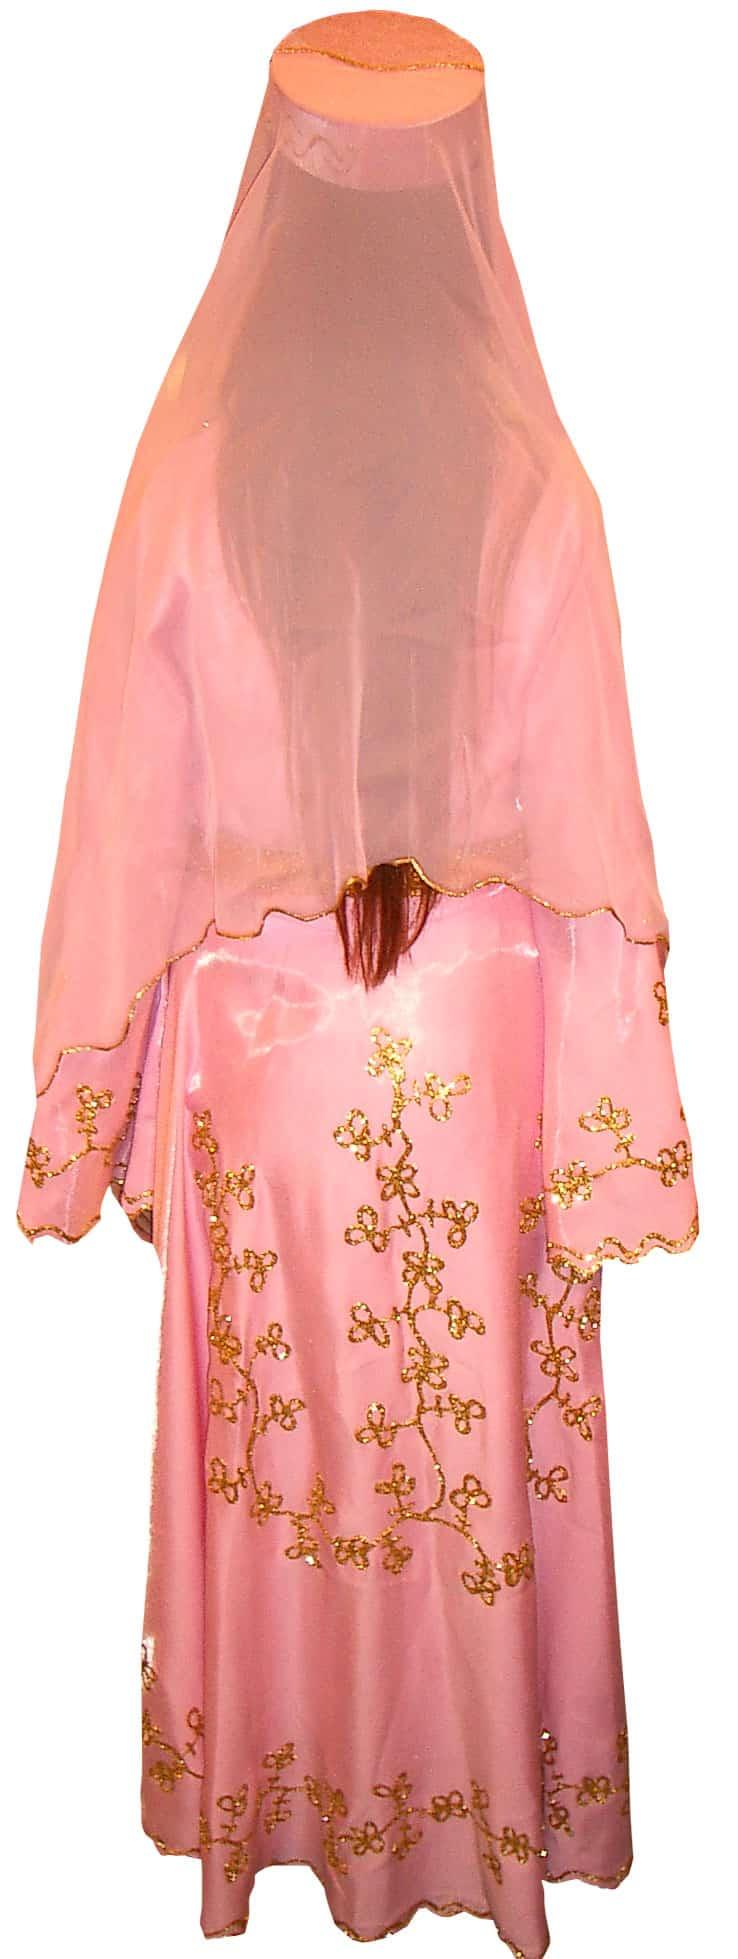 Kına elbisesi satın al-558 - Erhan Kaftan & Bindallı